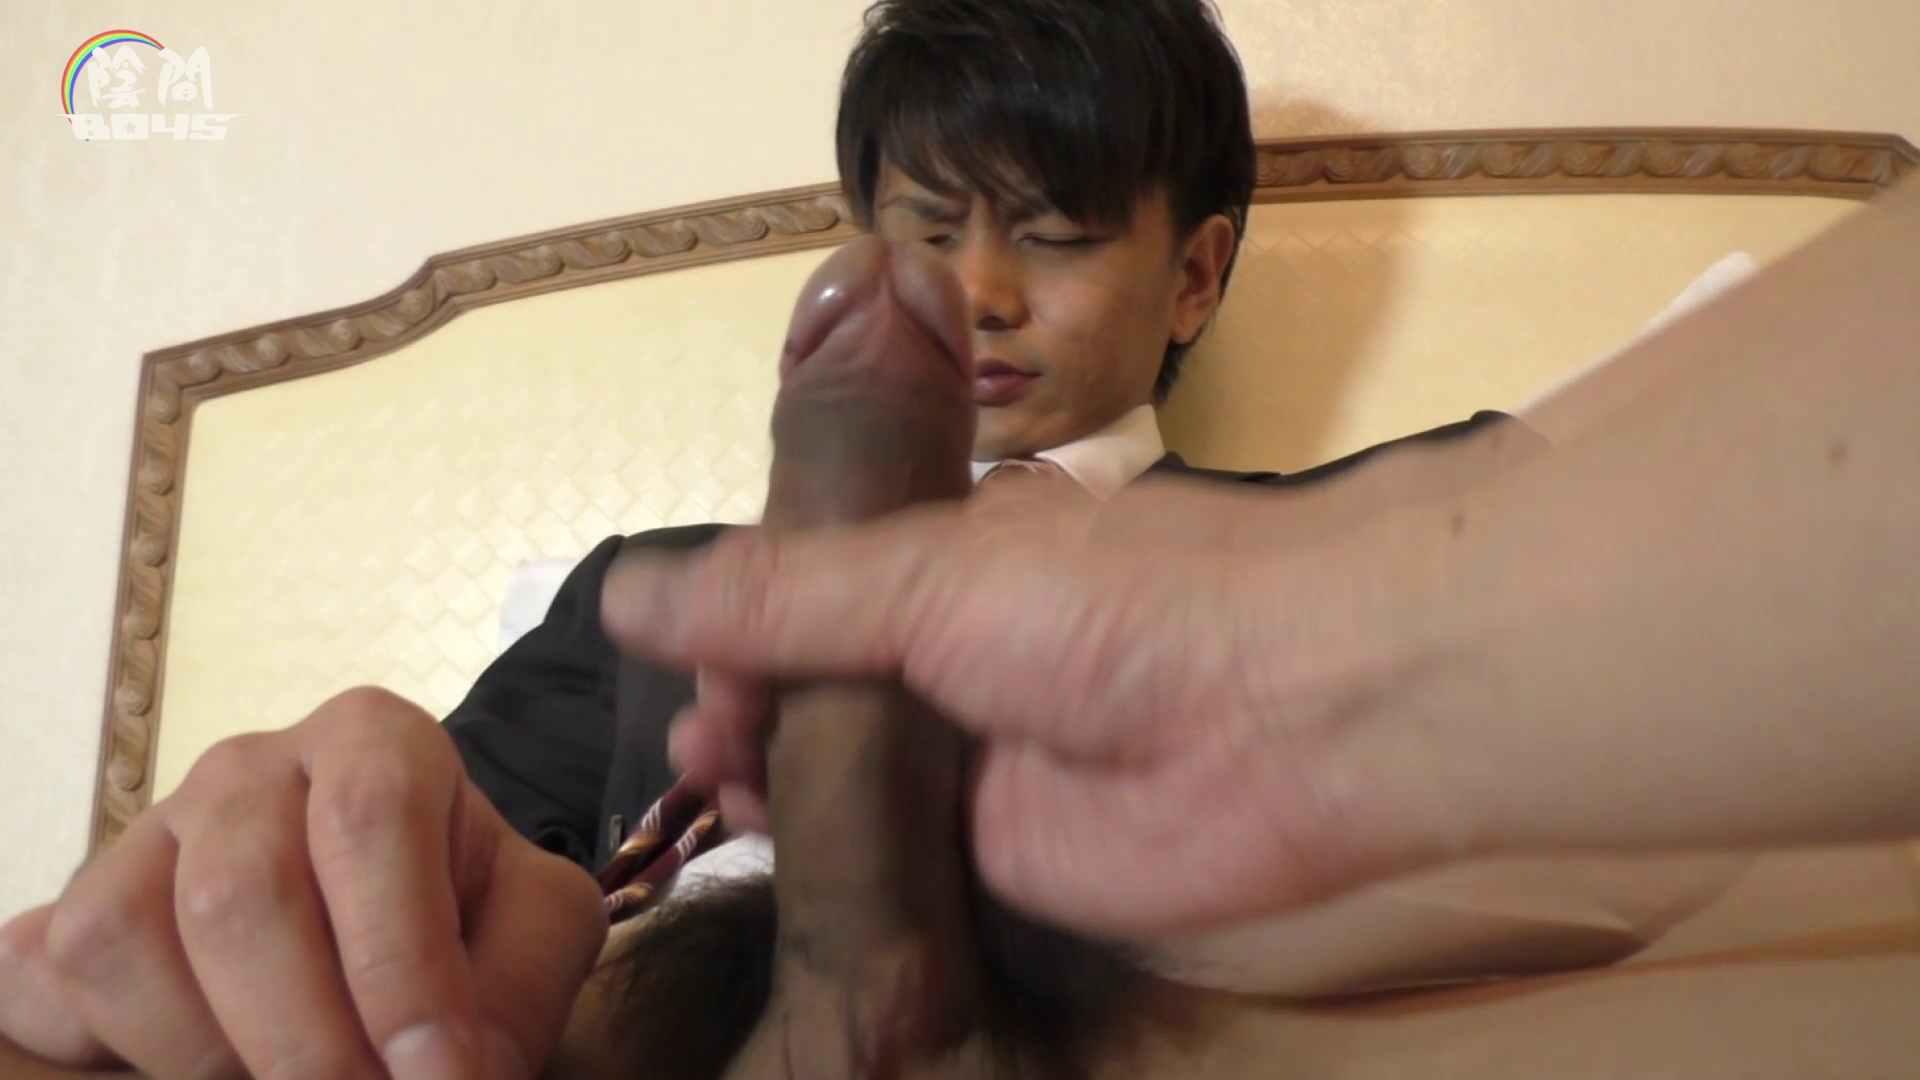 陰間BOYS~キャバクラの仕事はアナルから4 Vol.02 発射  111pic 55